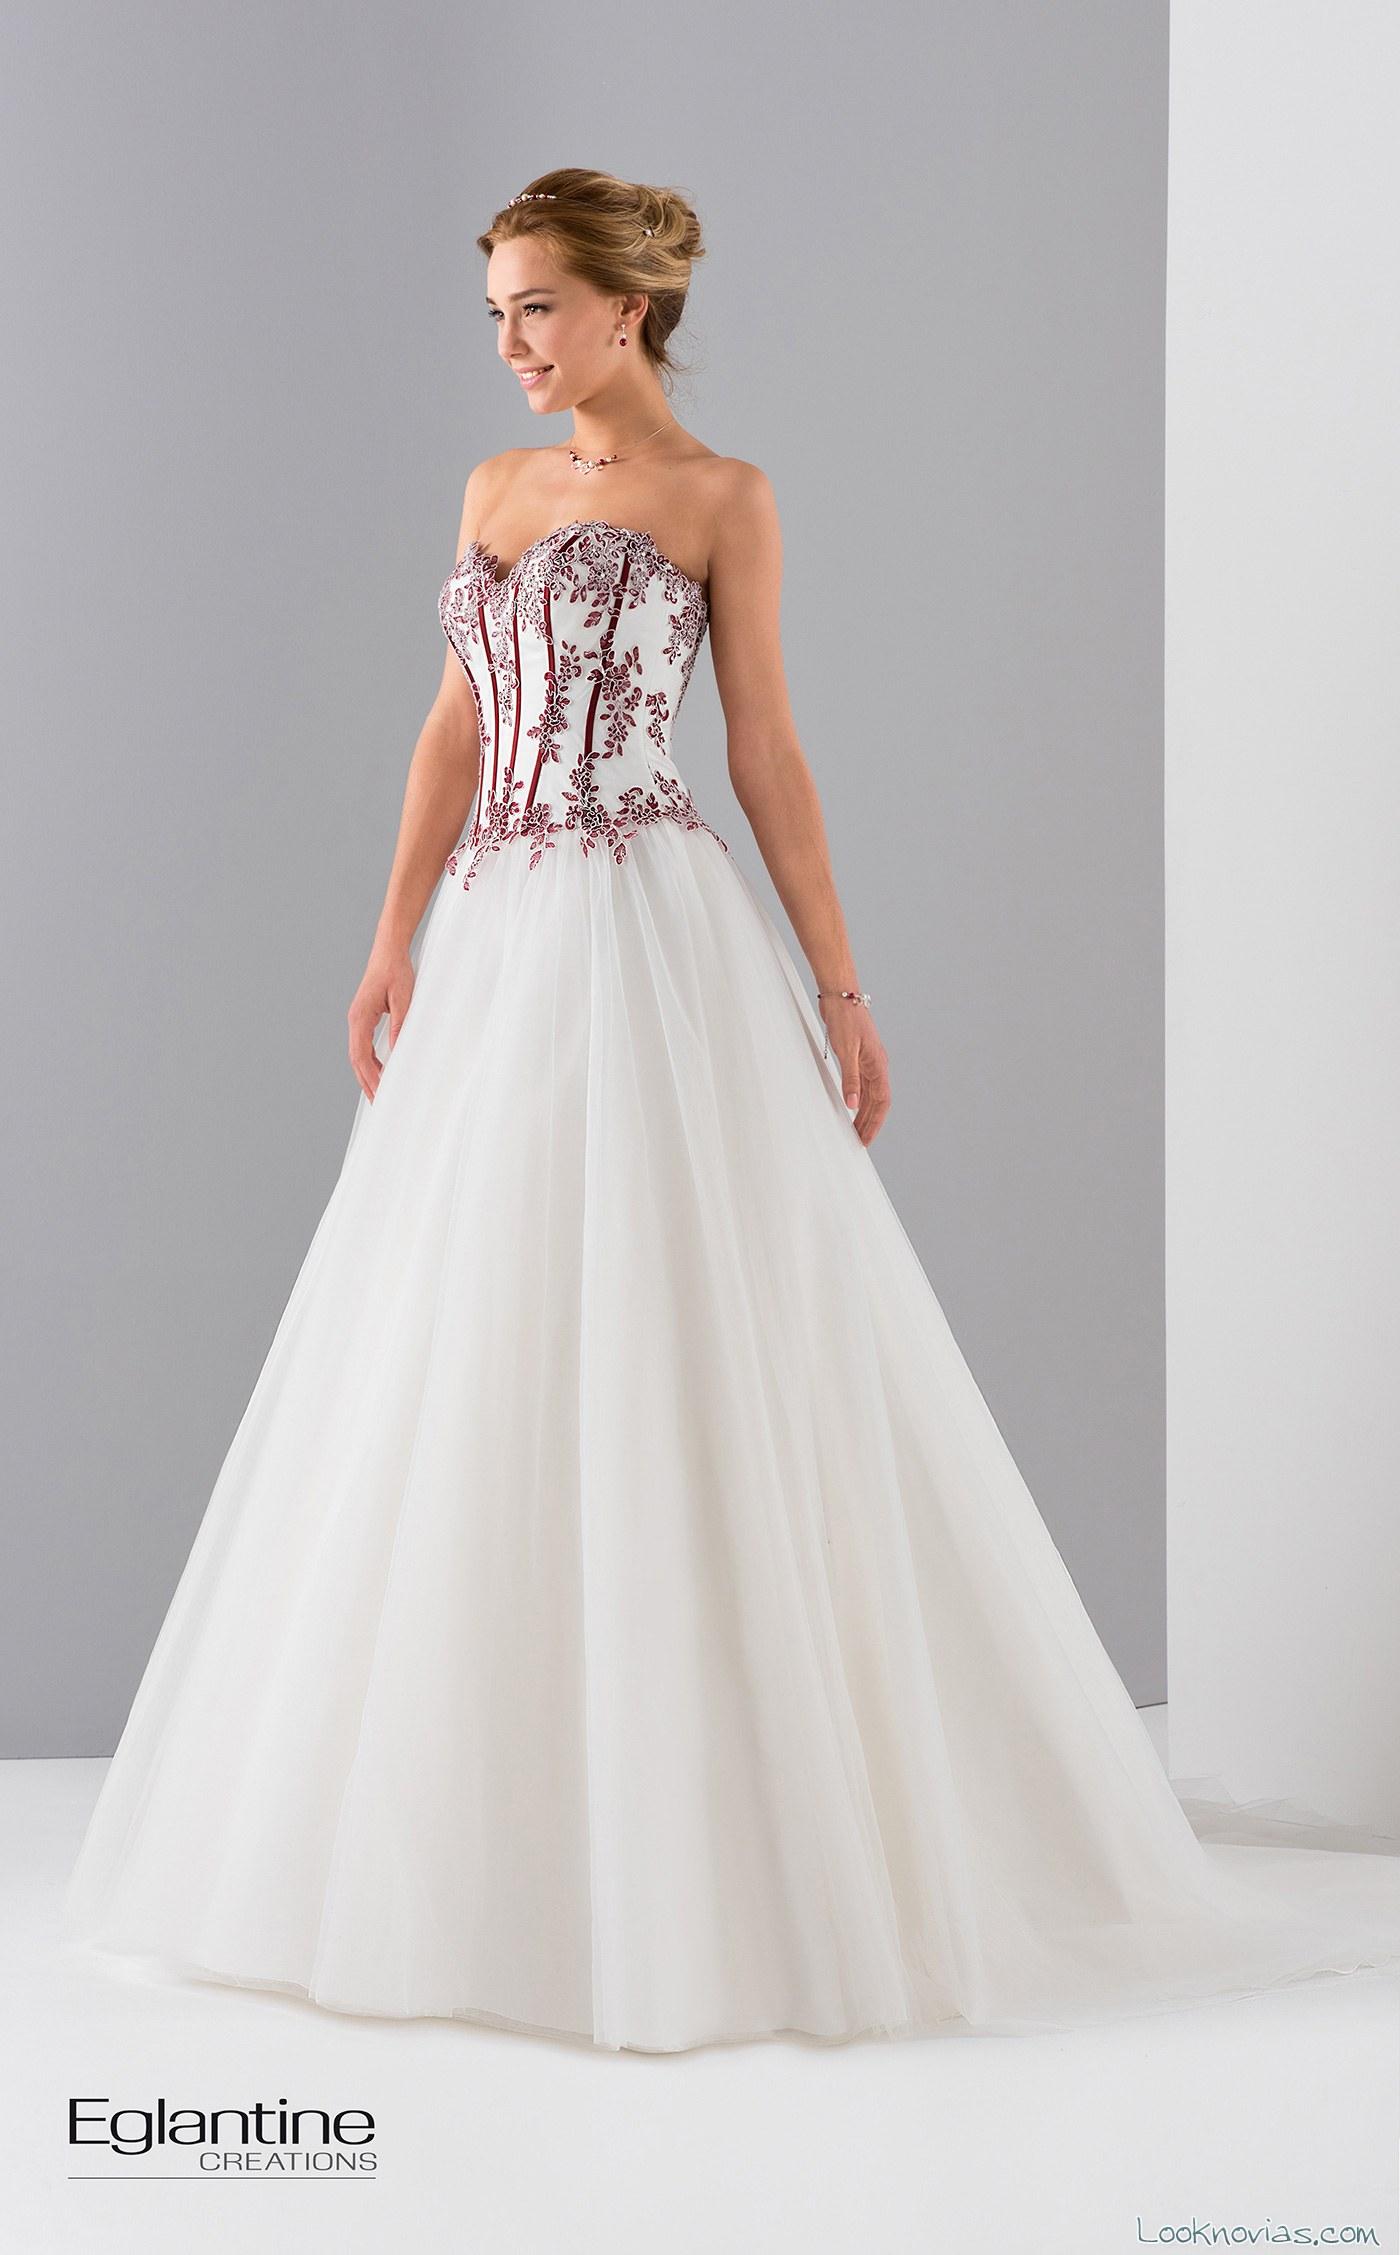 vestido en color eglantine bordados